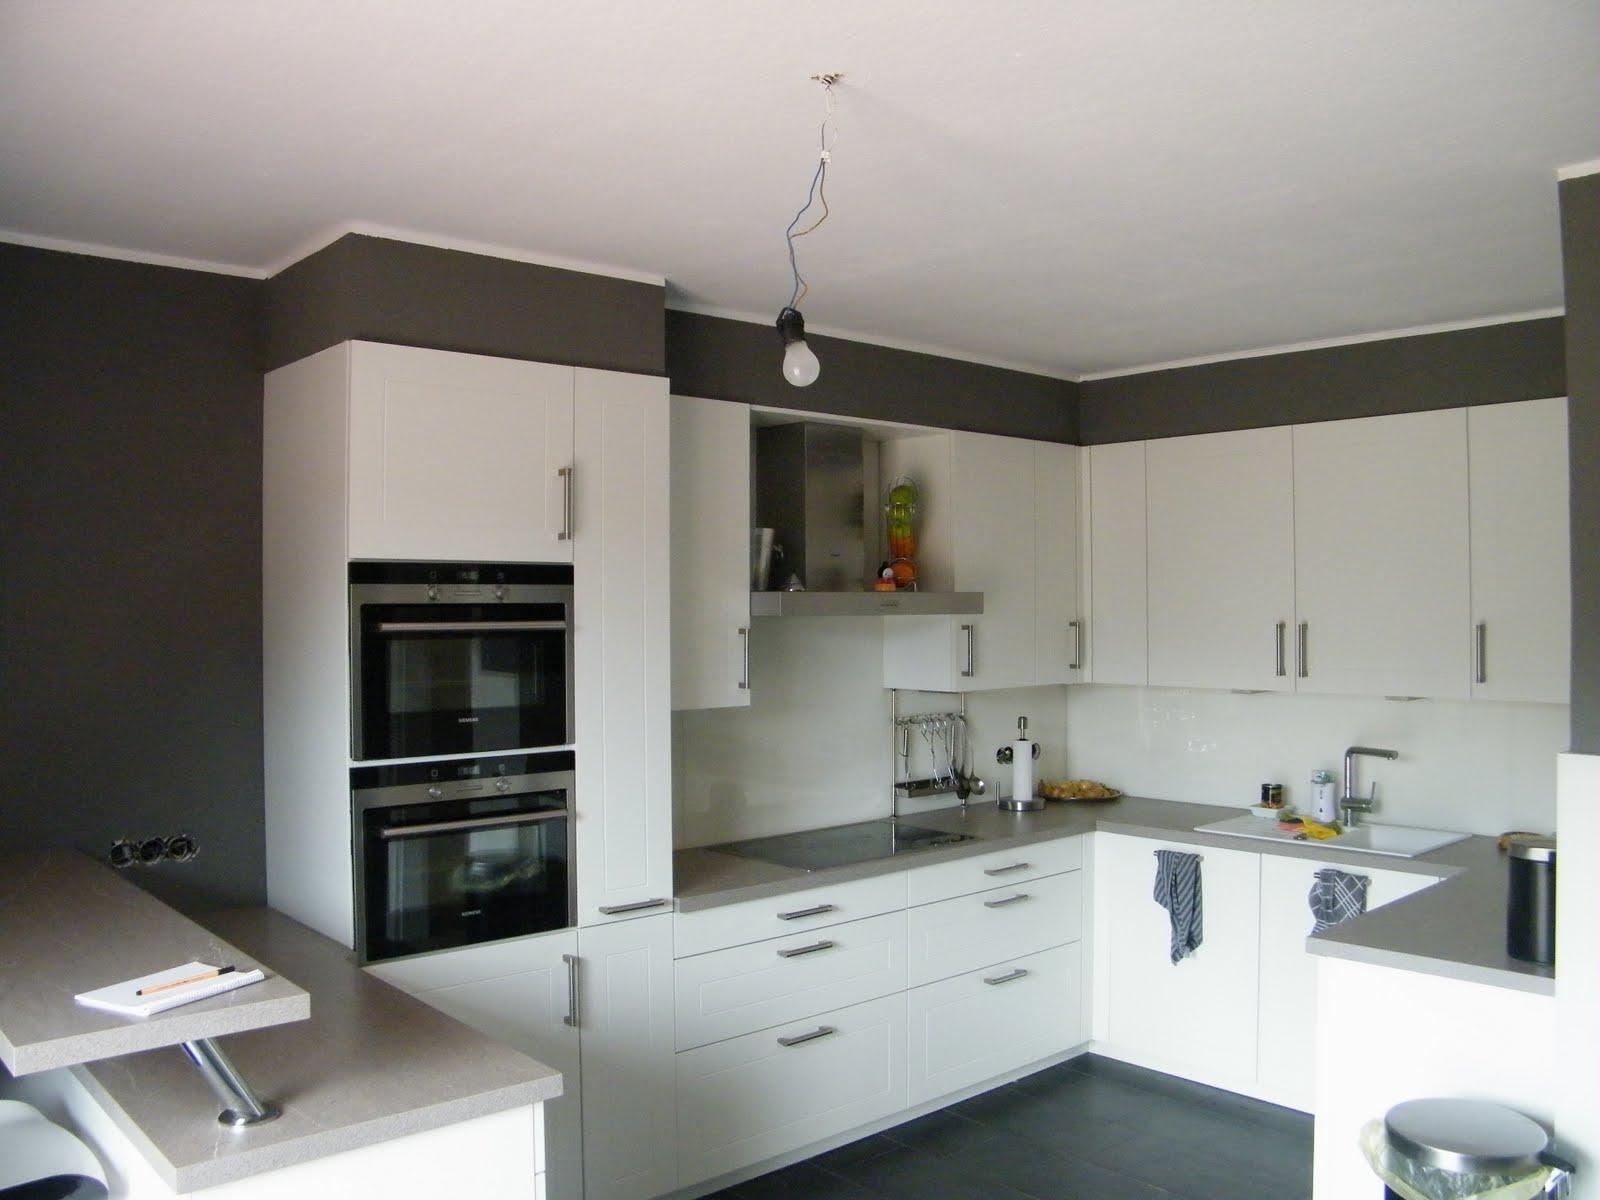 Follow ro ro project house - Keuken bar boven ...